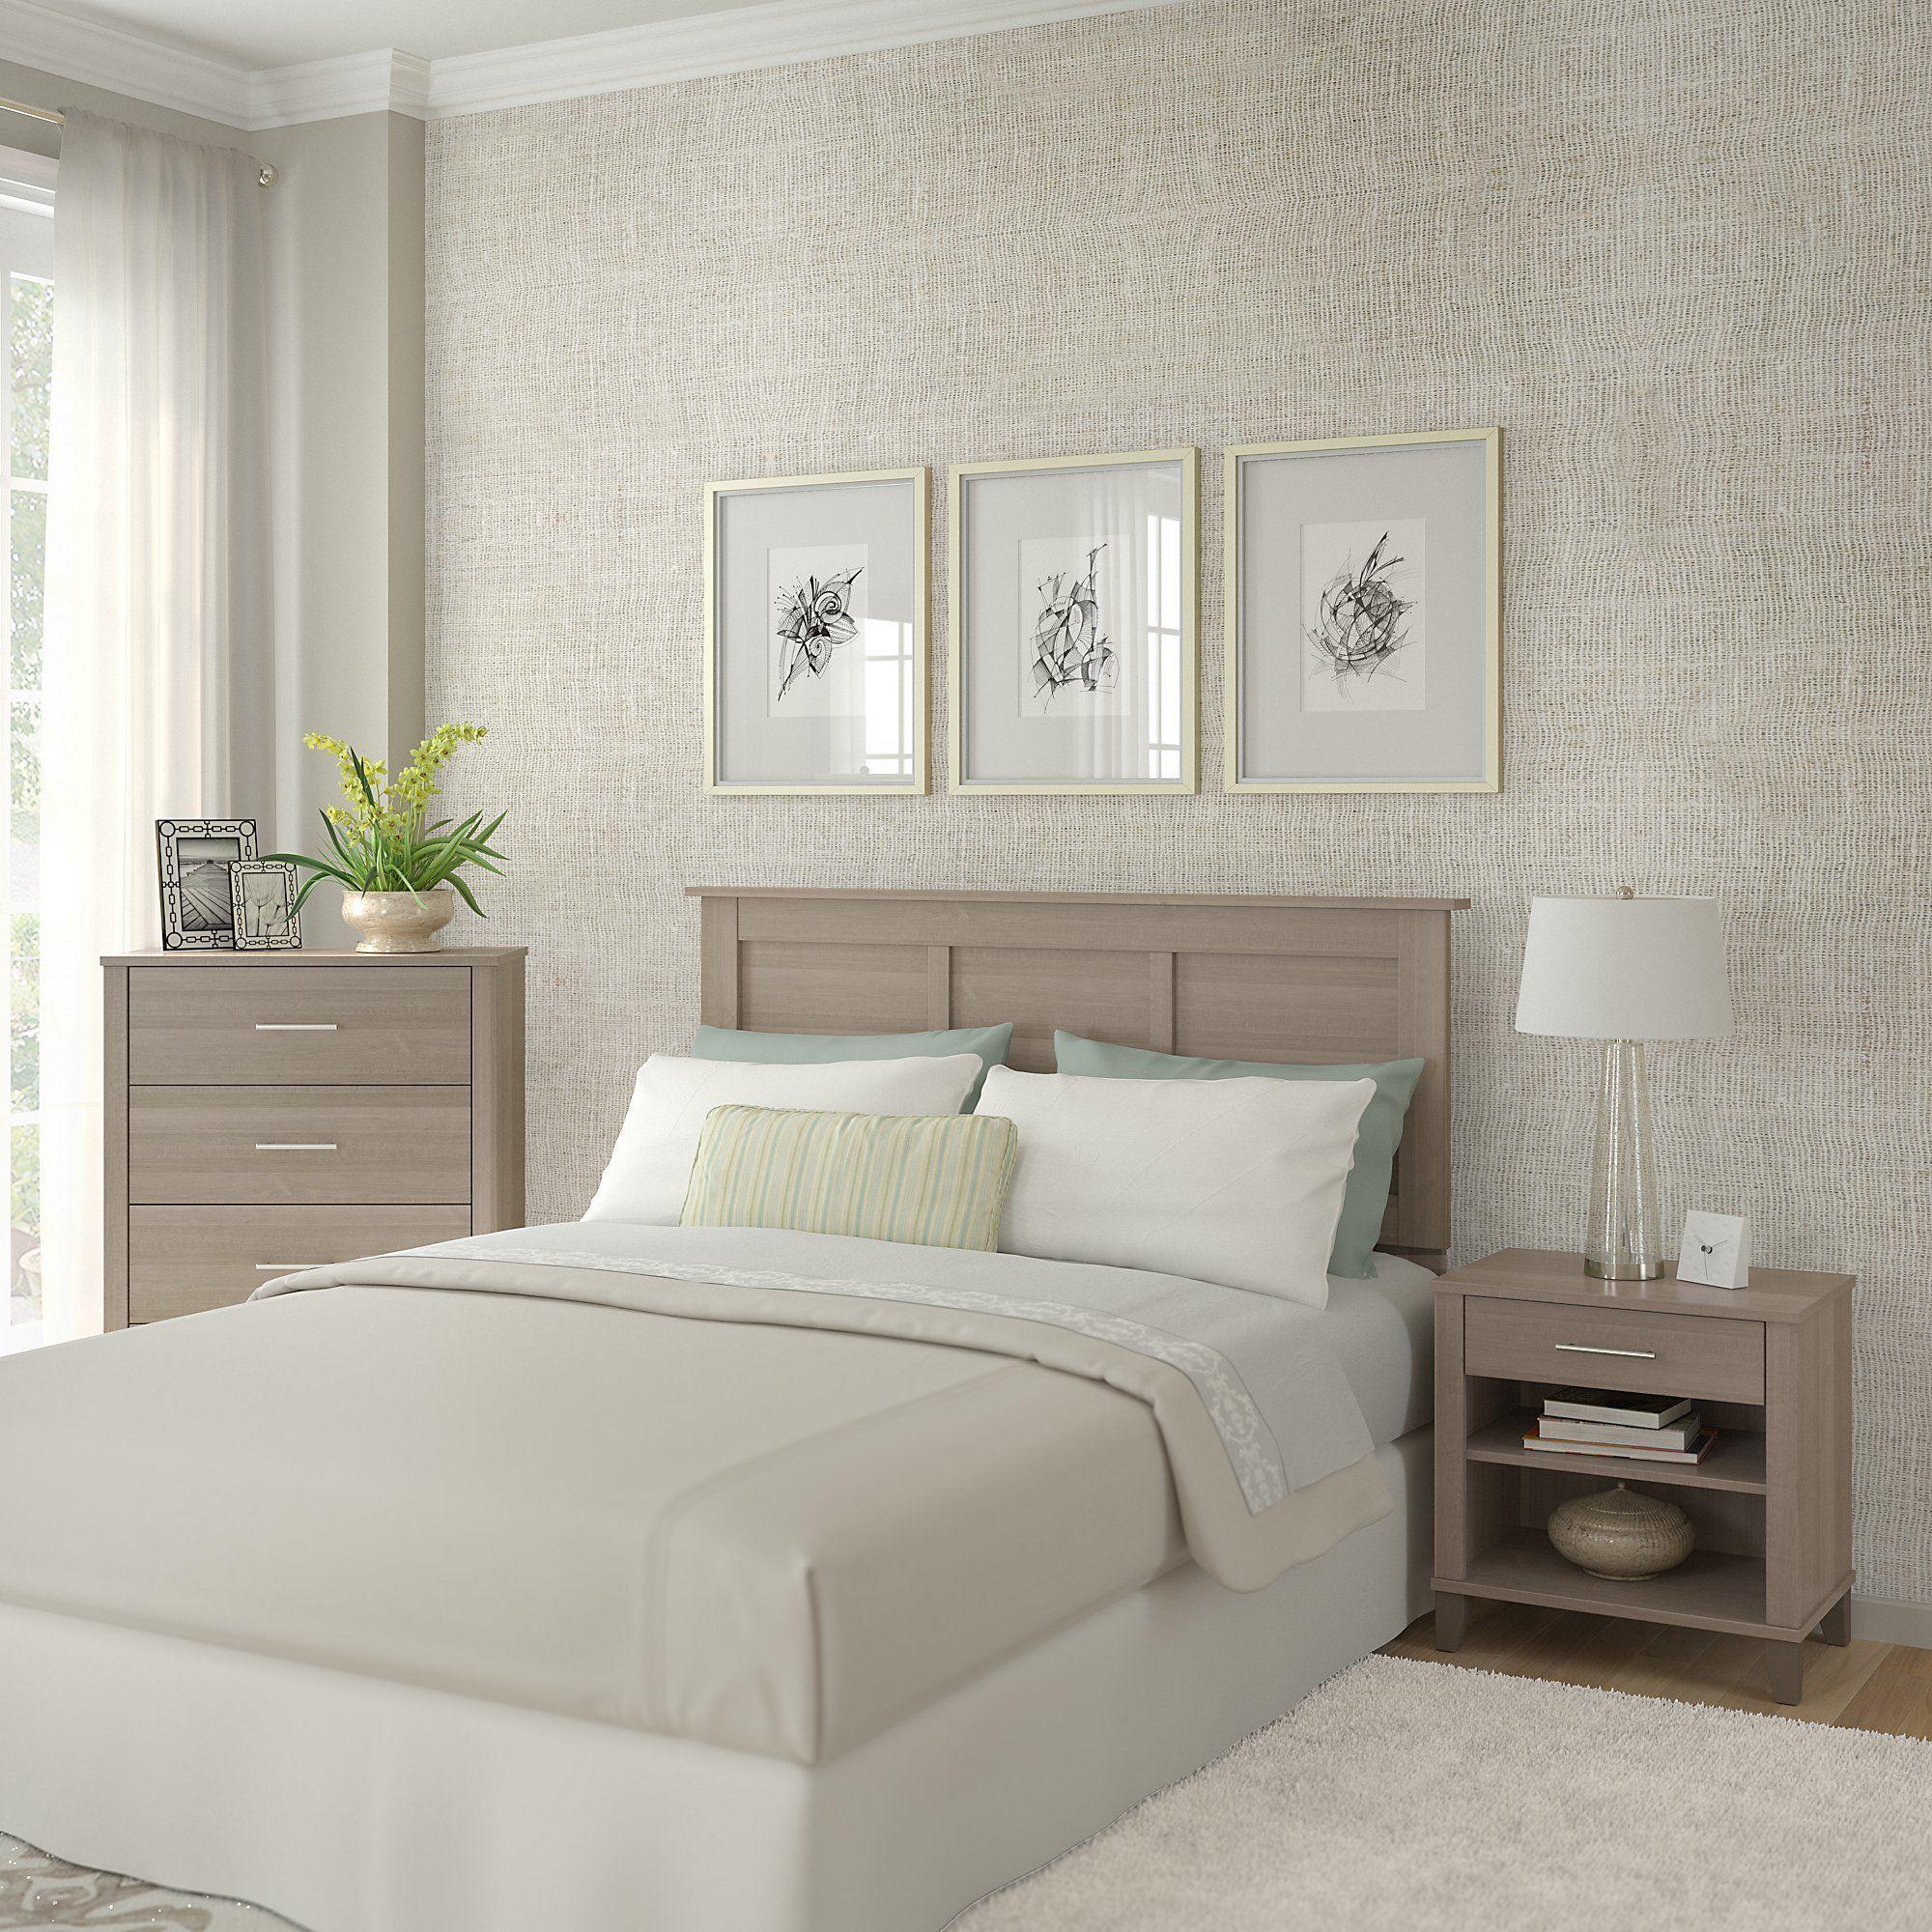 Best Strick Bolton Elizabeth Ash Grey Headboard Dresser And 400 x 300